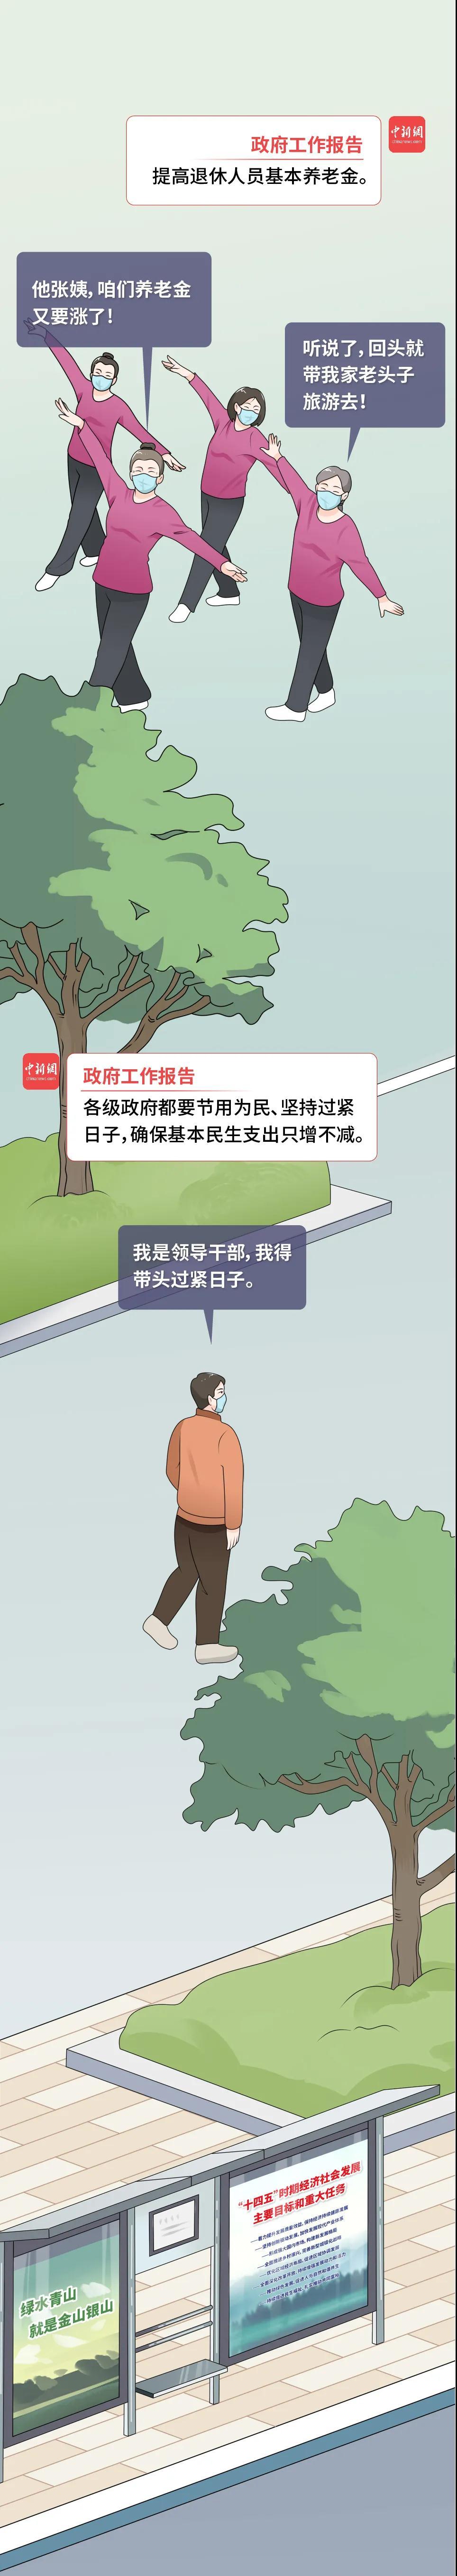 """政府工作报告""""民生红包""""多,邻居们都在聊……"""